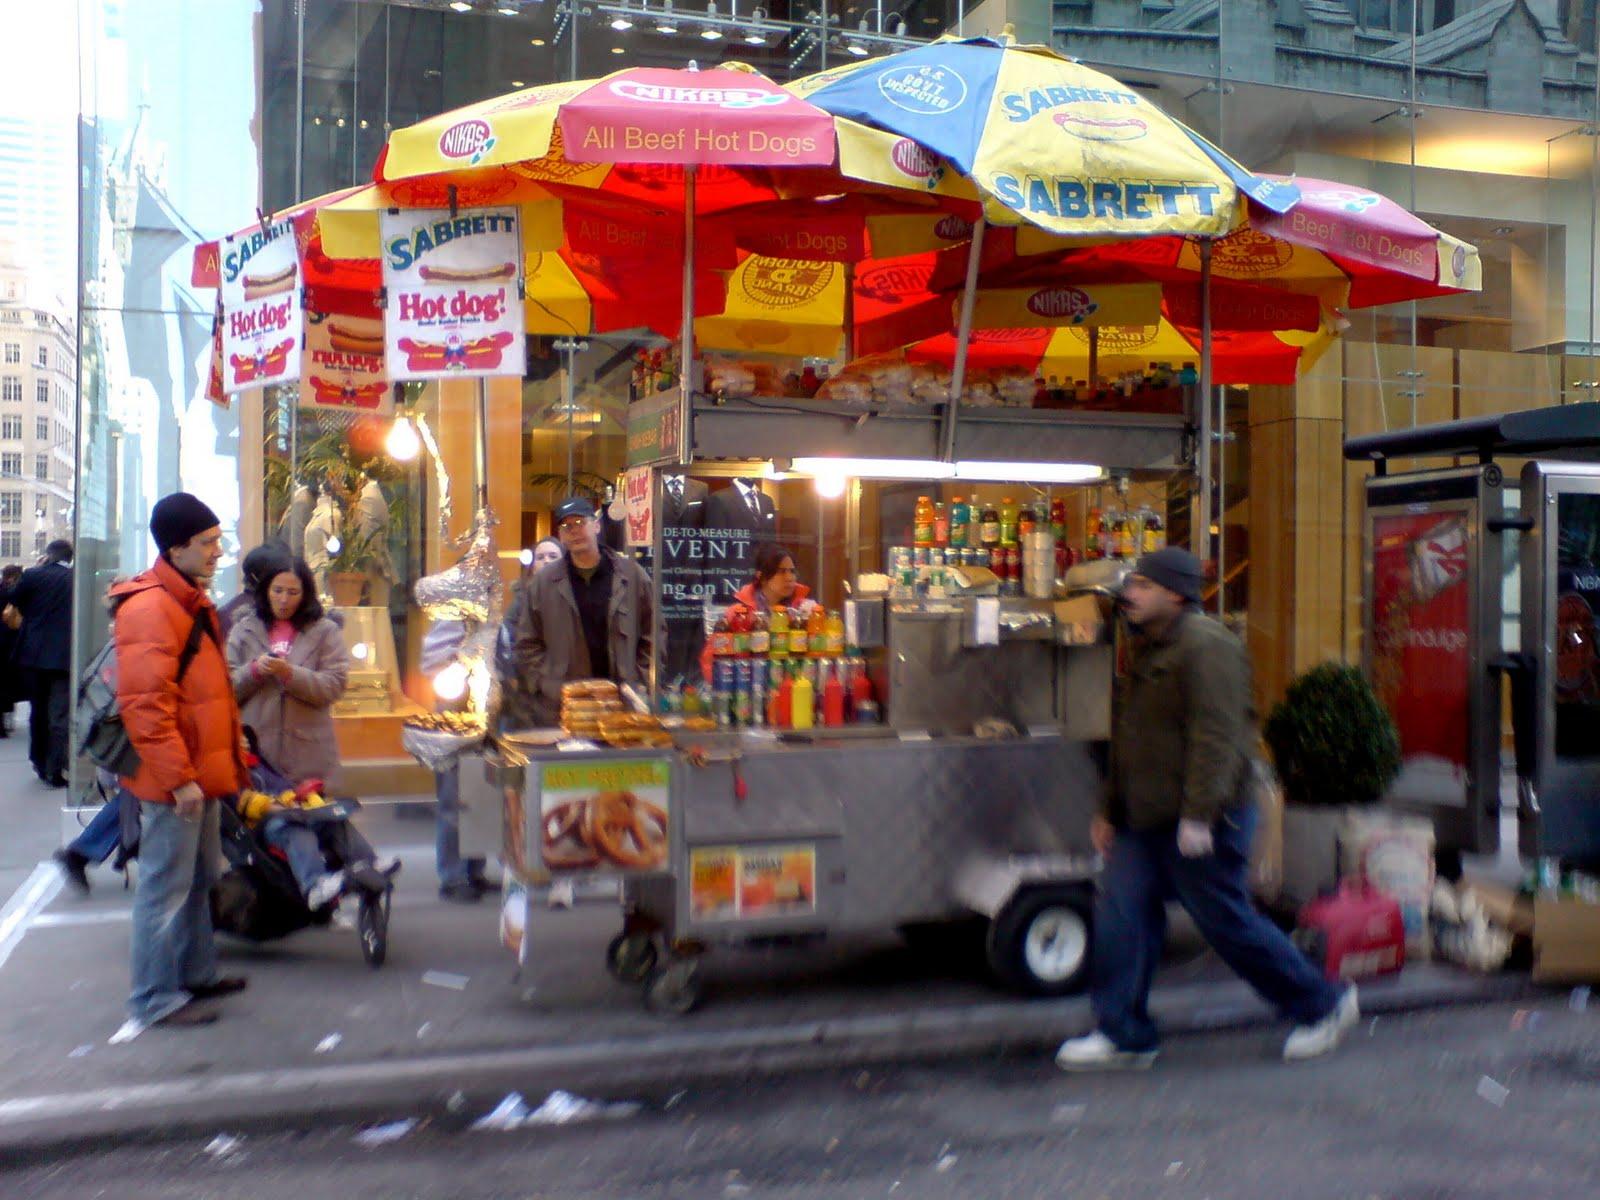 Hot dogs y comida callejera en new york el blog de viajes y estudios - Callejero manhattan ...